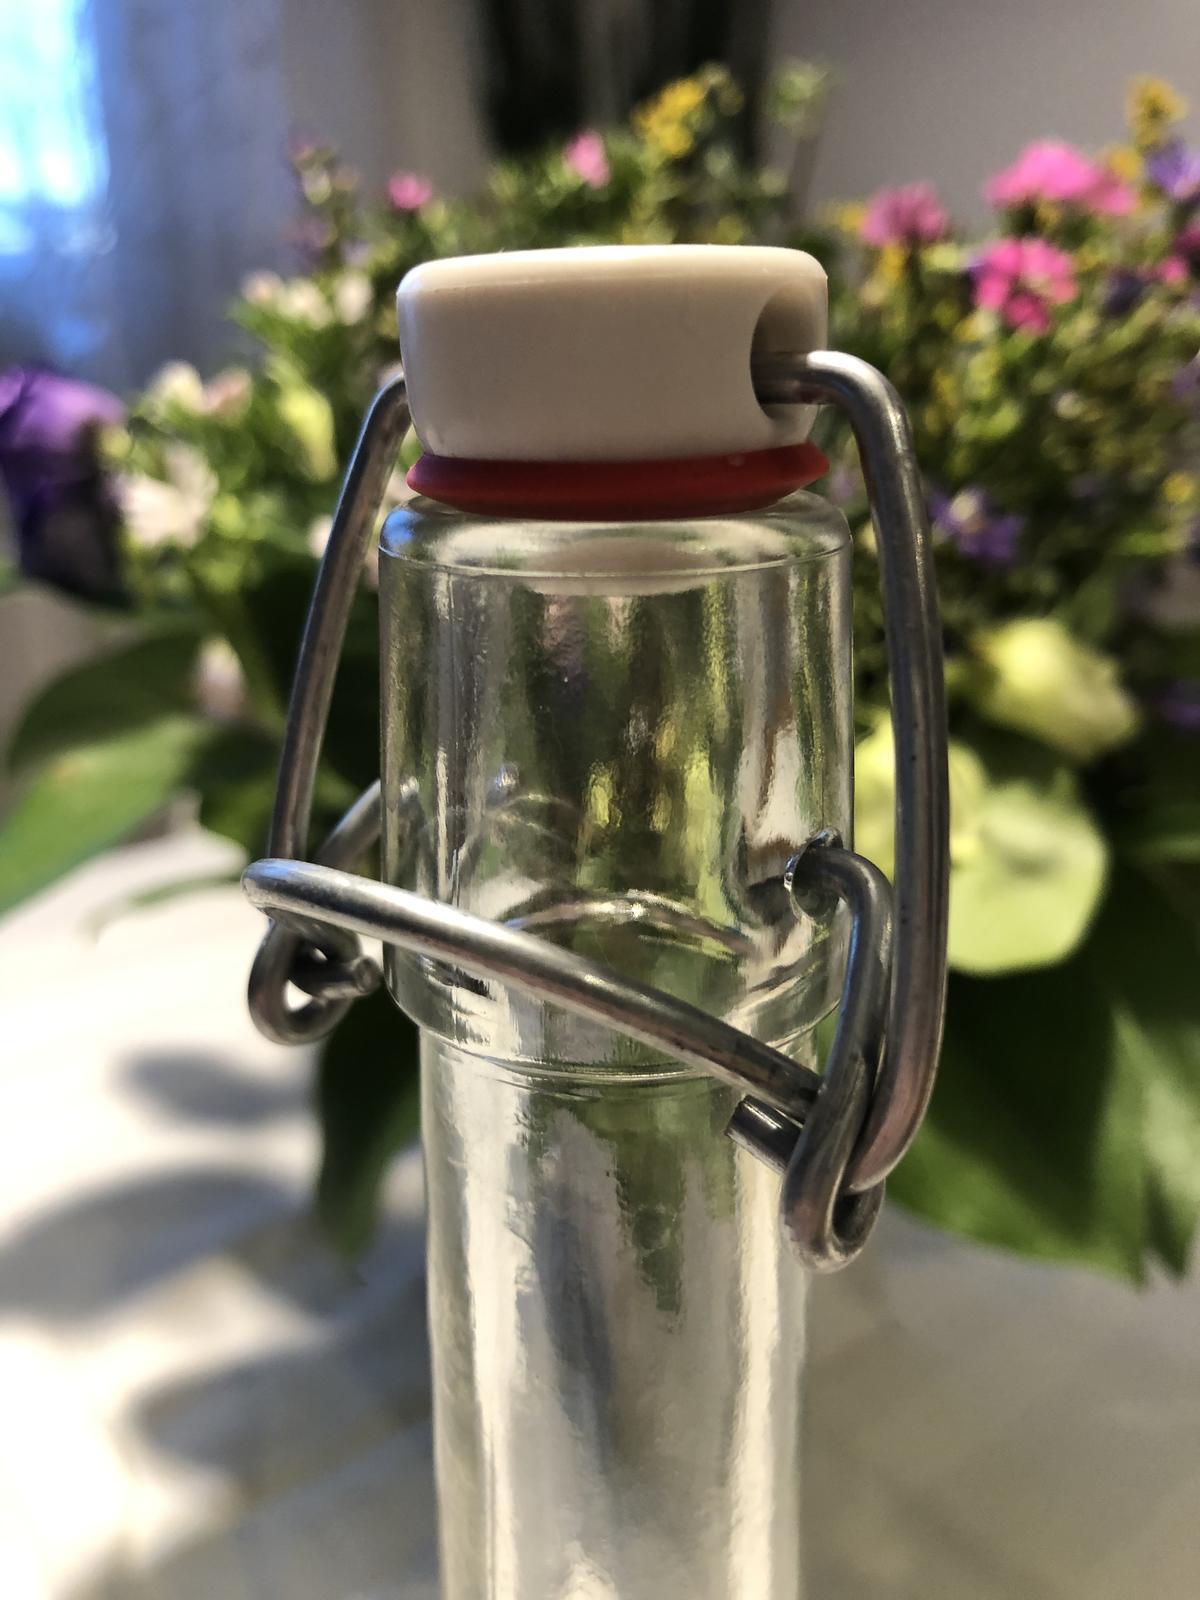 Láhve na vodu nebo jiné nápoje s uzávěrem - Obrázek č. 3